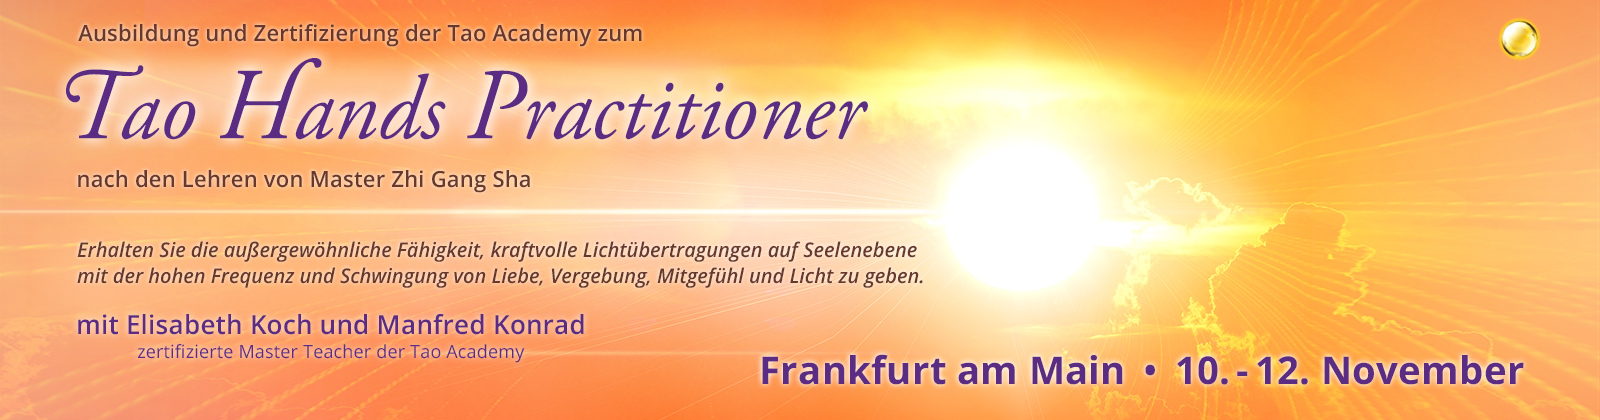 Tao Hands Practioner Ausbildung Level 2: Ausbildungs- und Zertifizierungs-Workshop | Frankfurt am Main